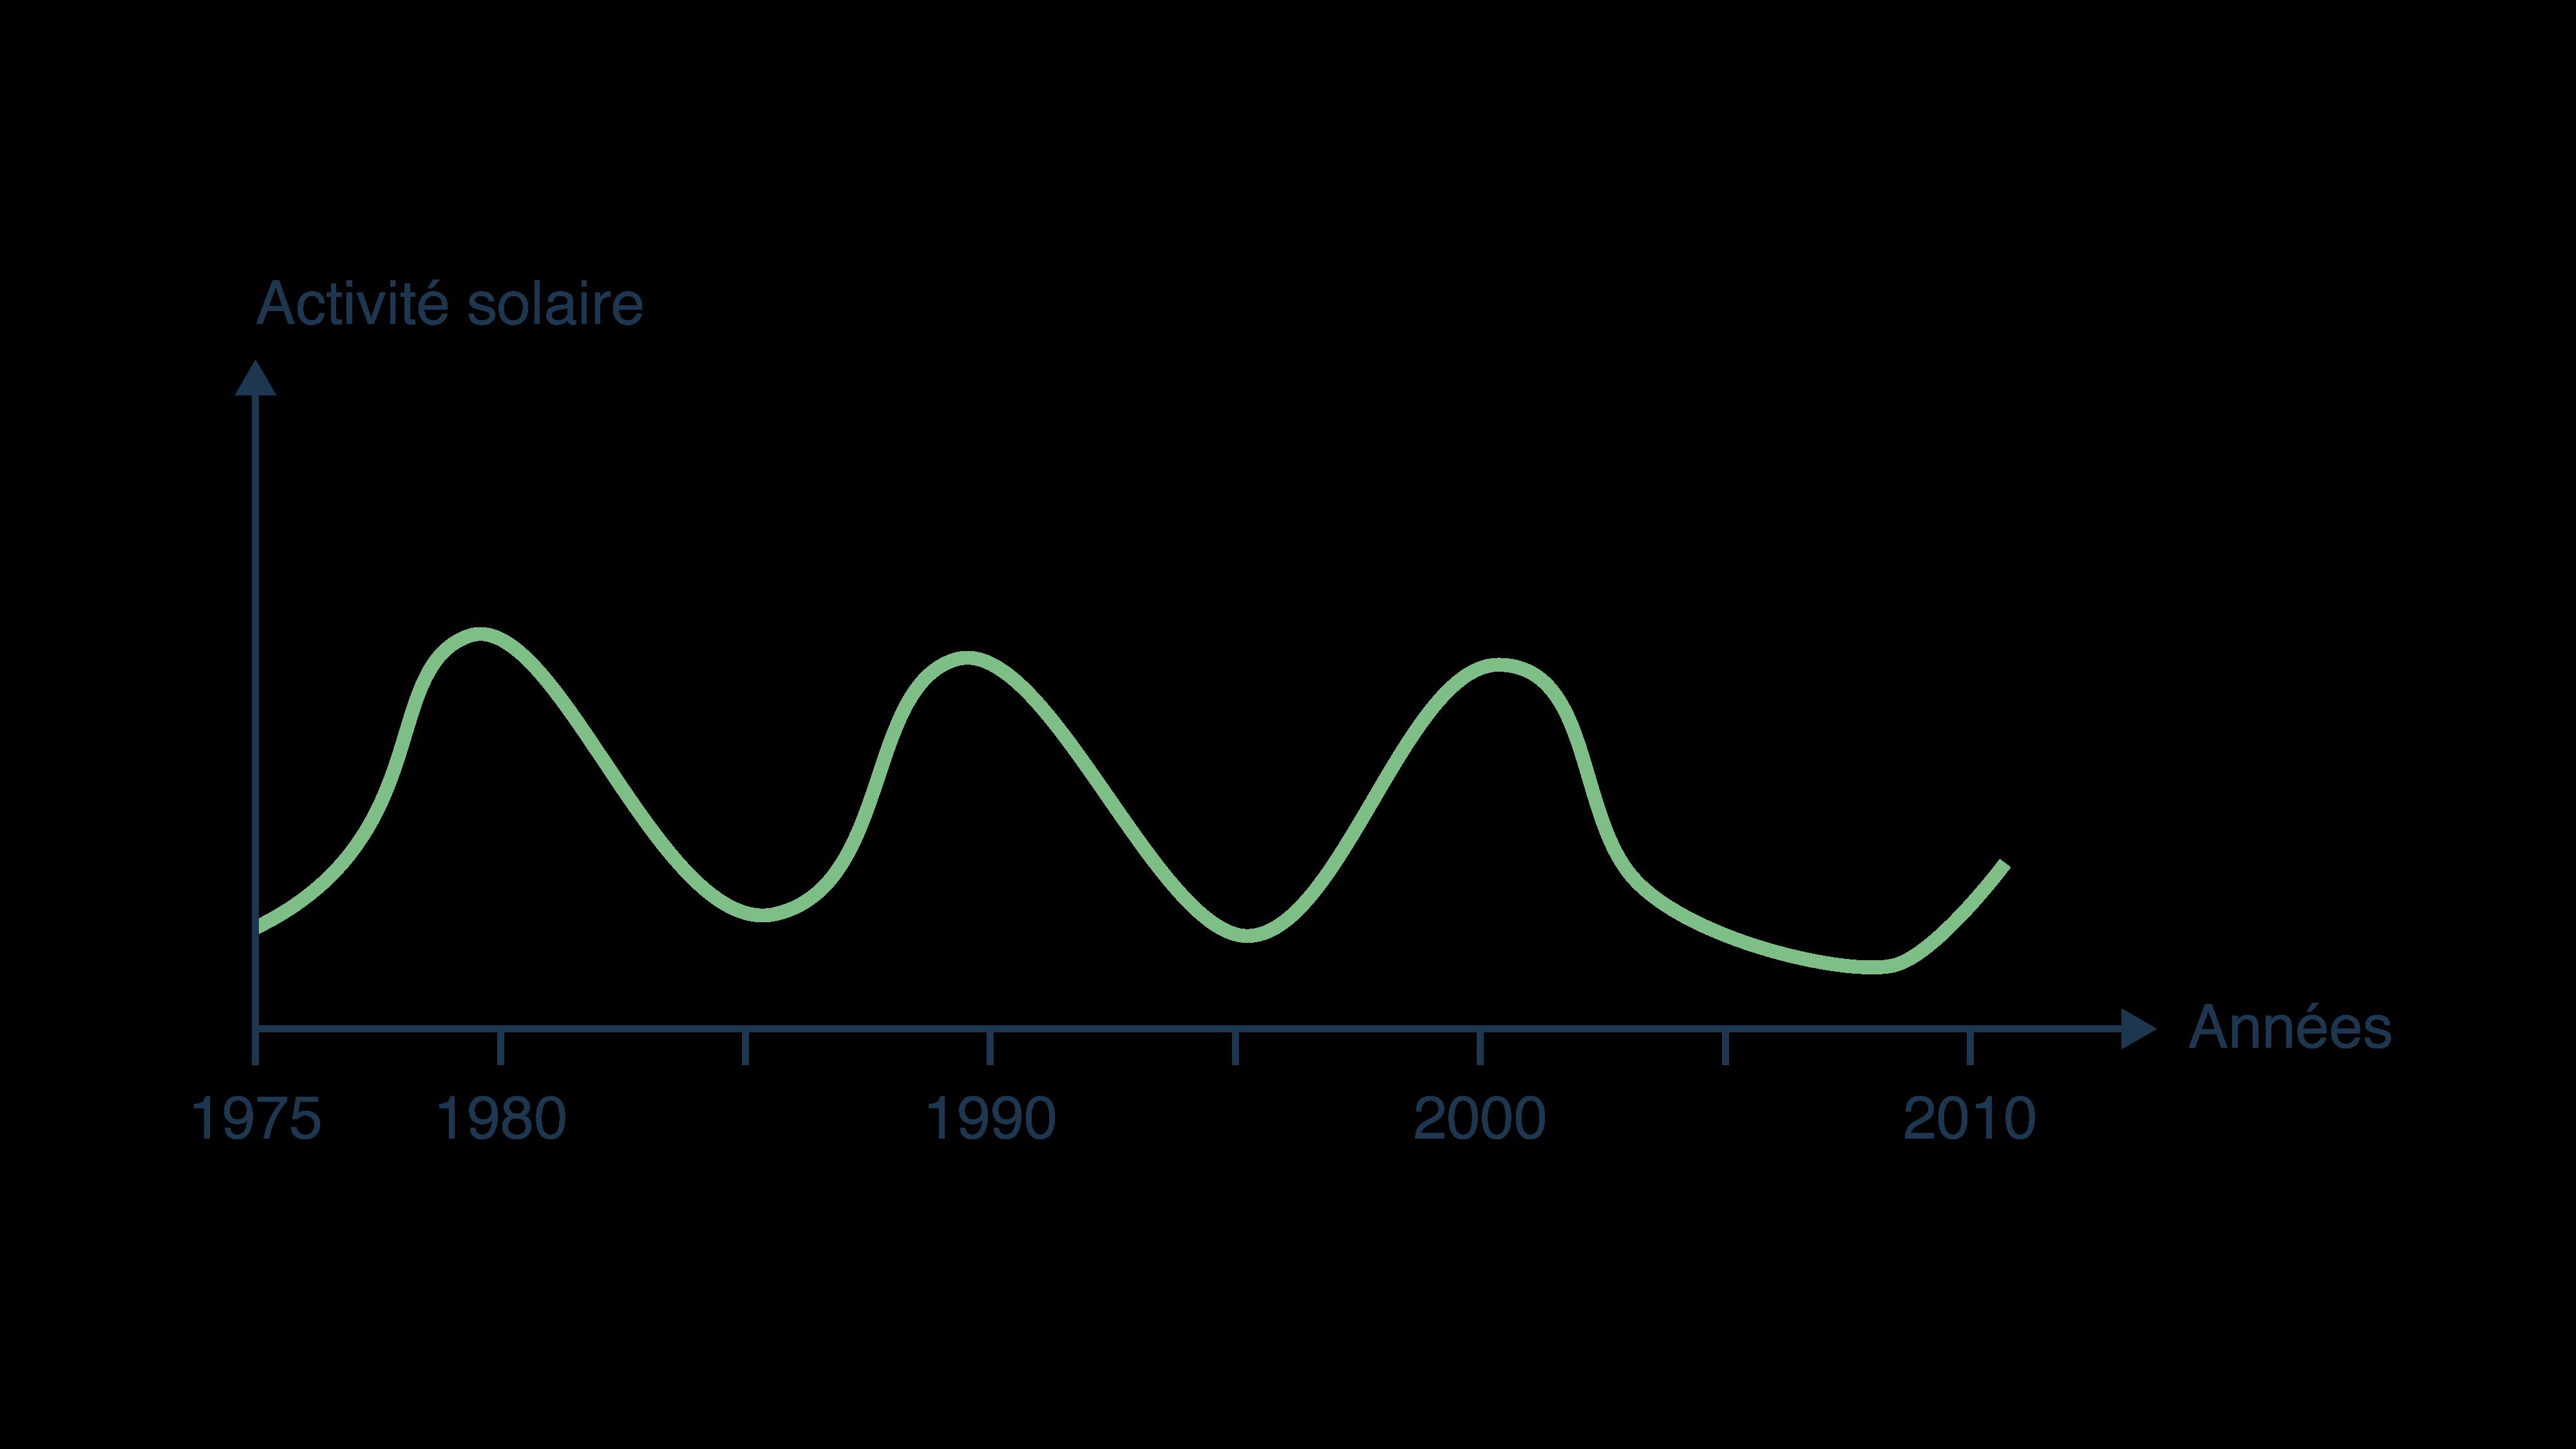 Cycle du flux solaire